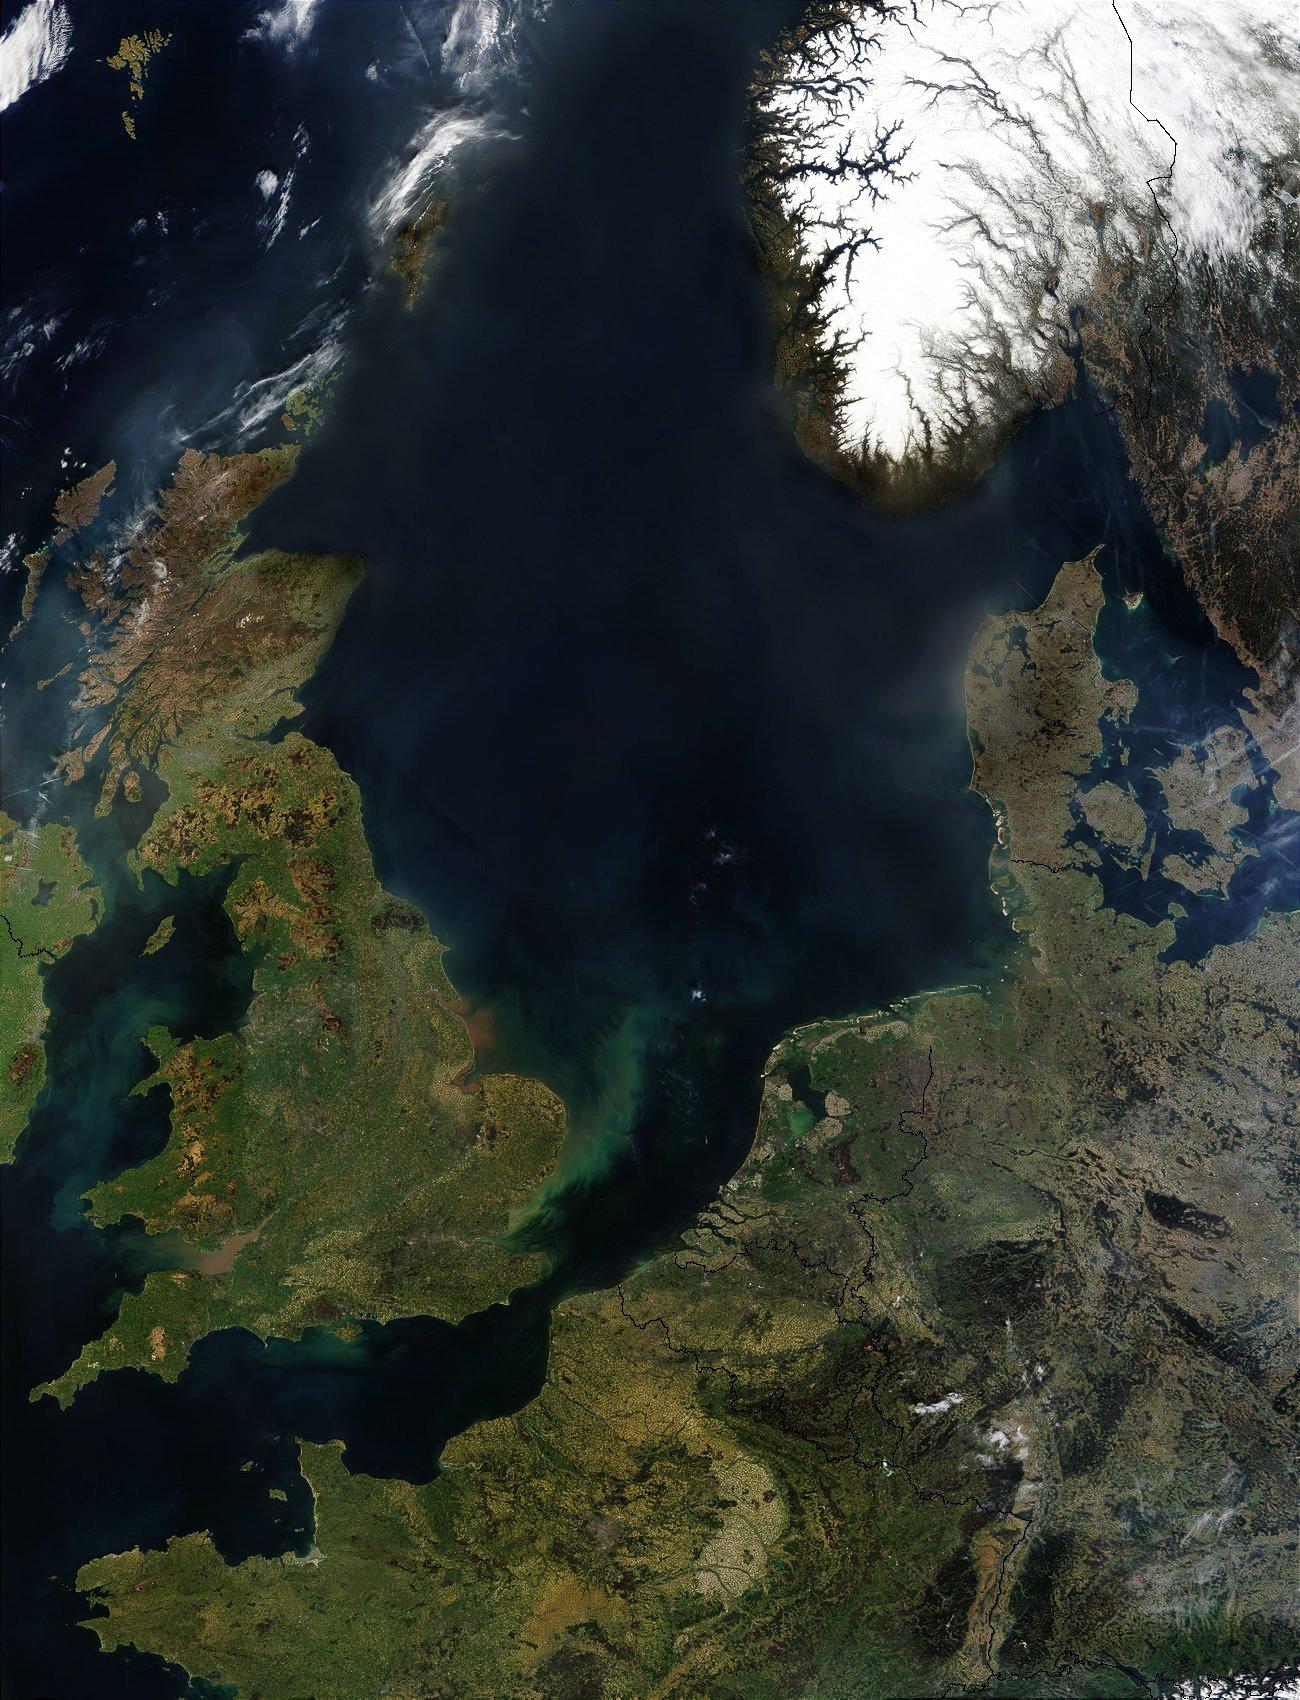 Ingyenes Kepek Legkor Europa Visszaverodes Terep Legi